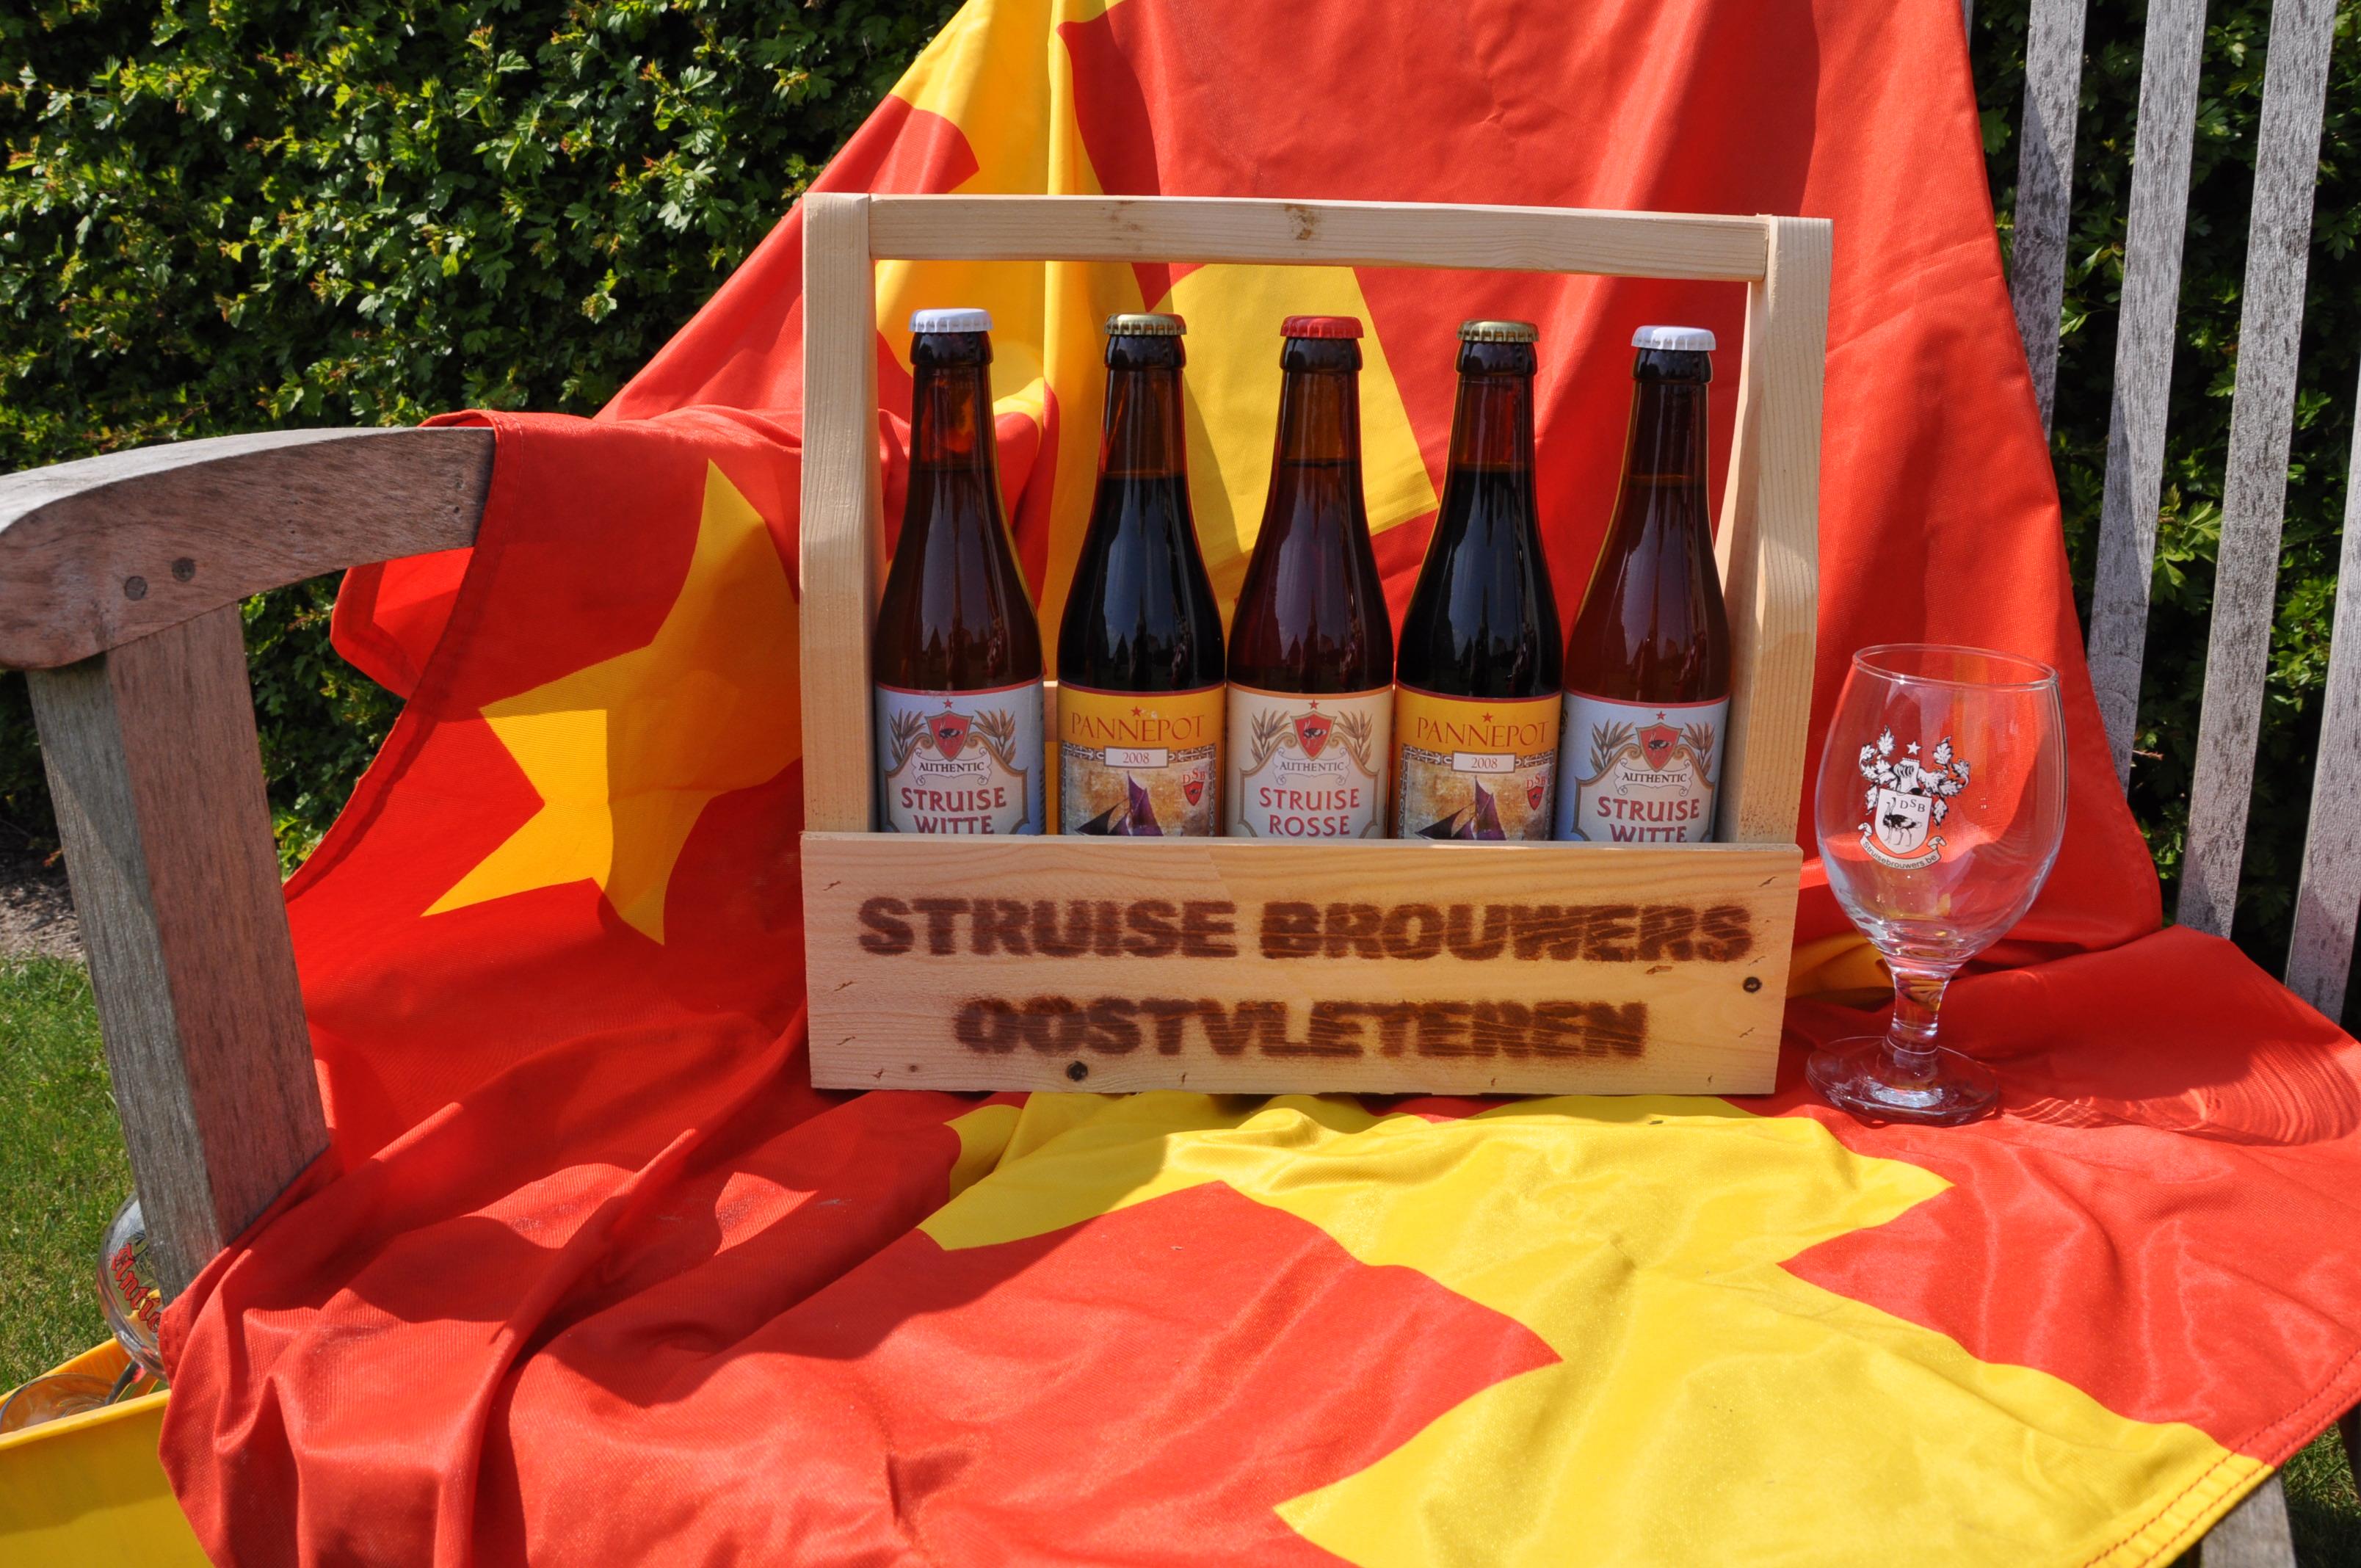 Brouwerij in de kijker, brouwerij, bieren, trollekelder, trollekrant,